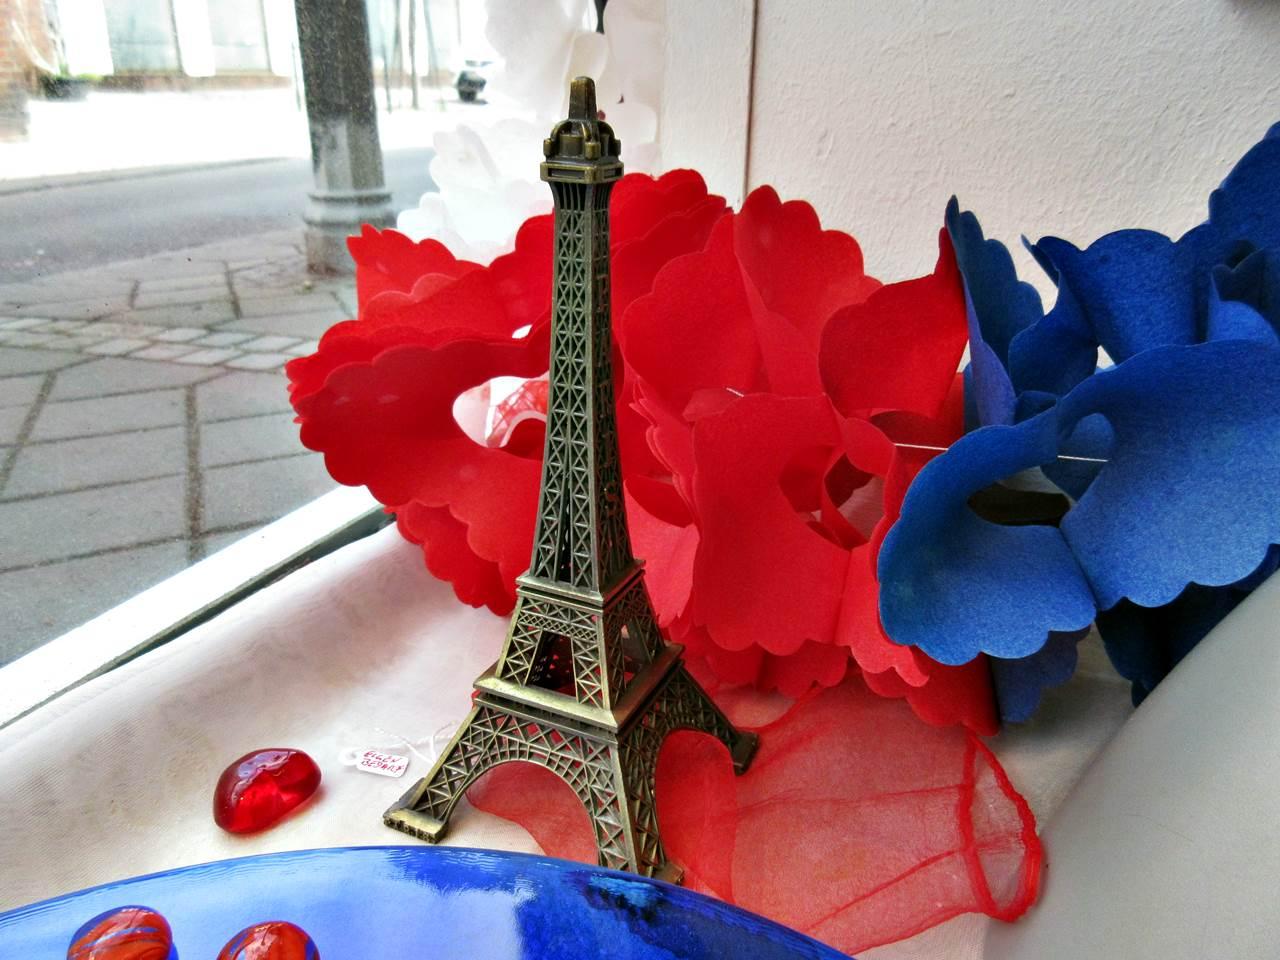 Süchtelner Vielfalt und Französischer Markt